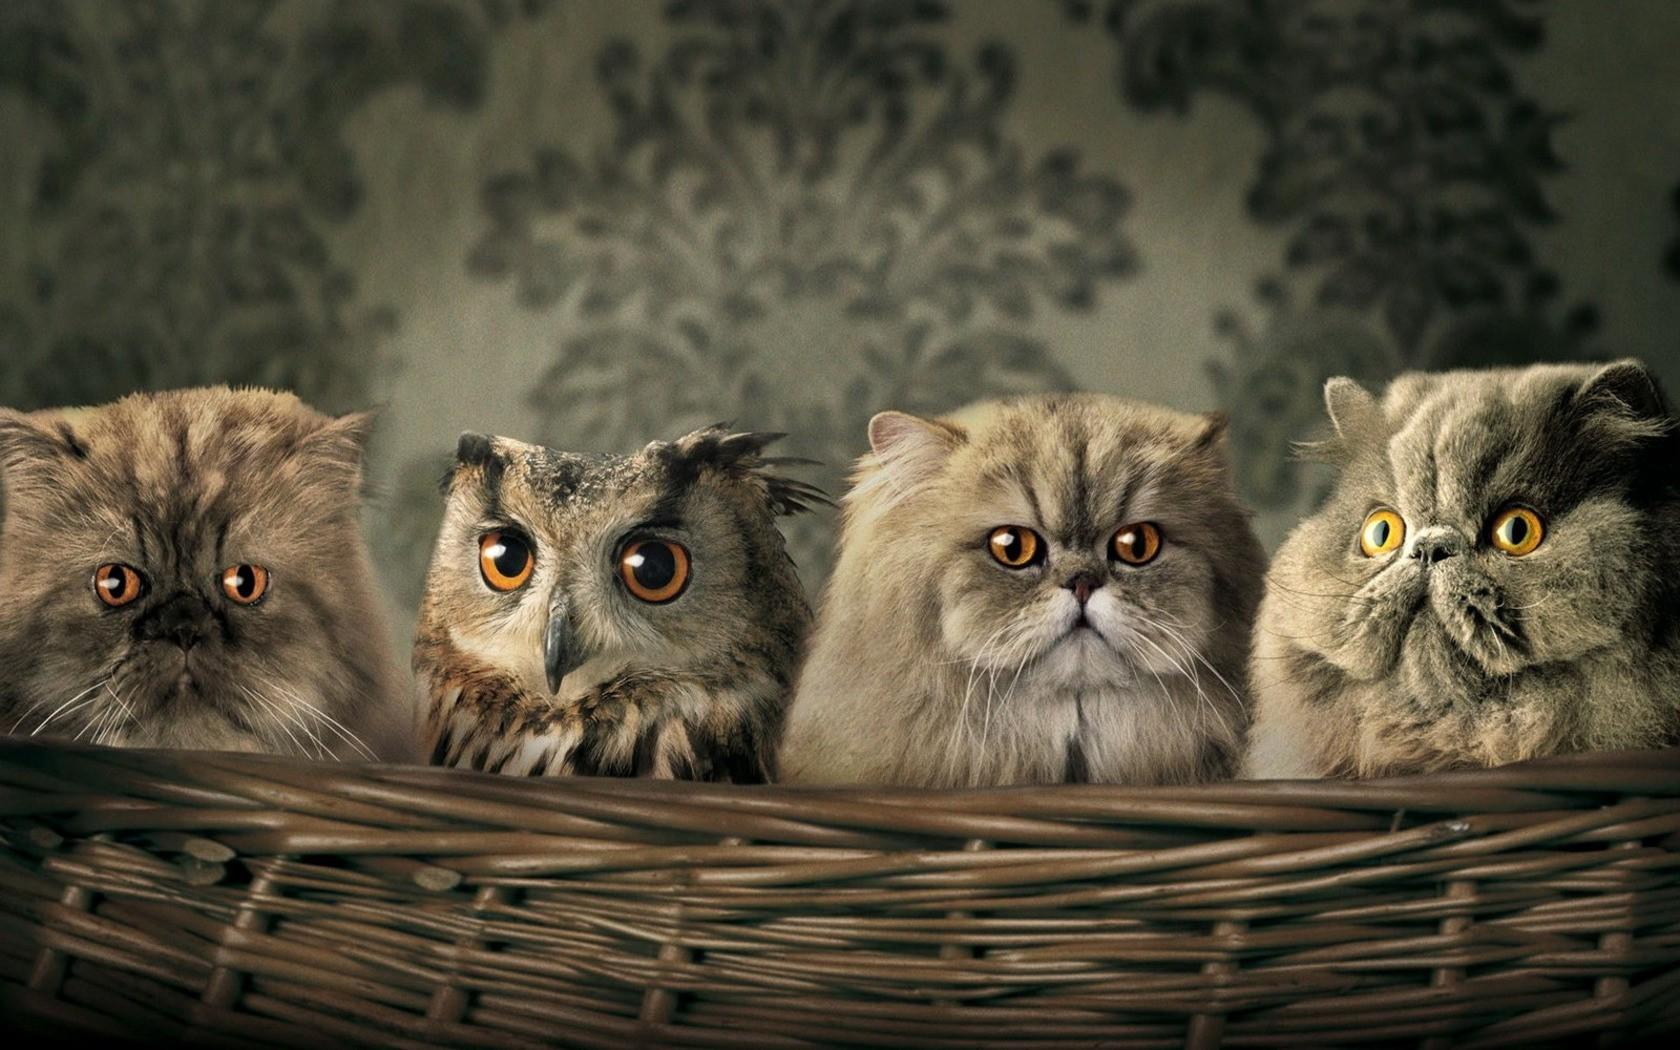 Hintergrundbilder Tiere Humor Korbe Eule Whiskers Persisch